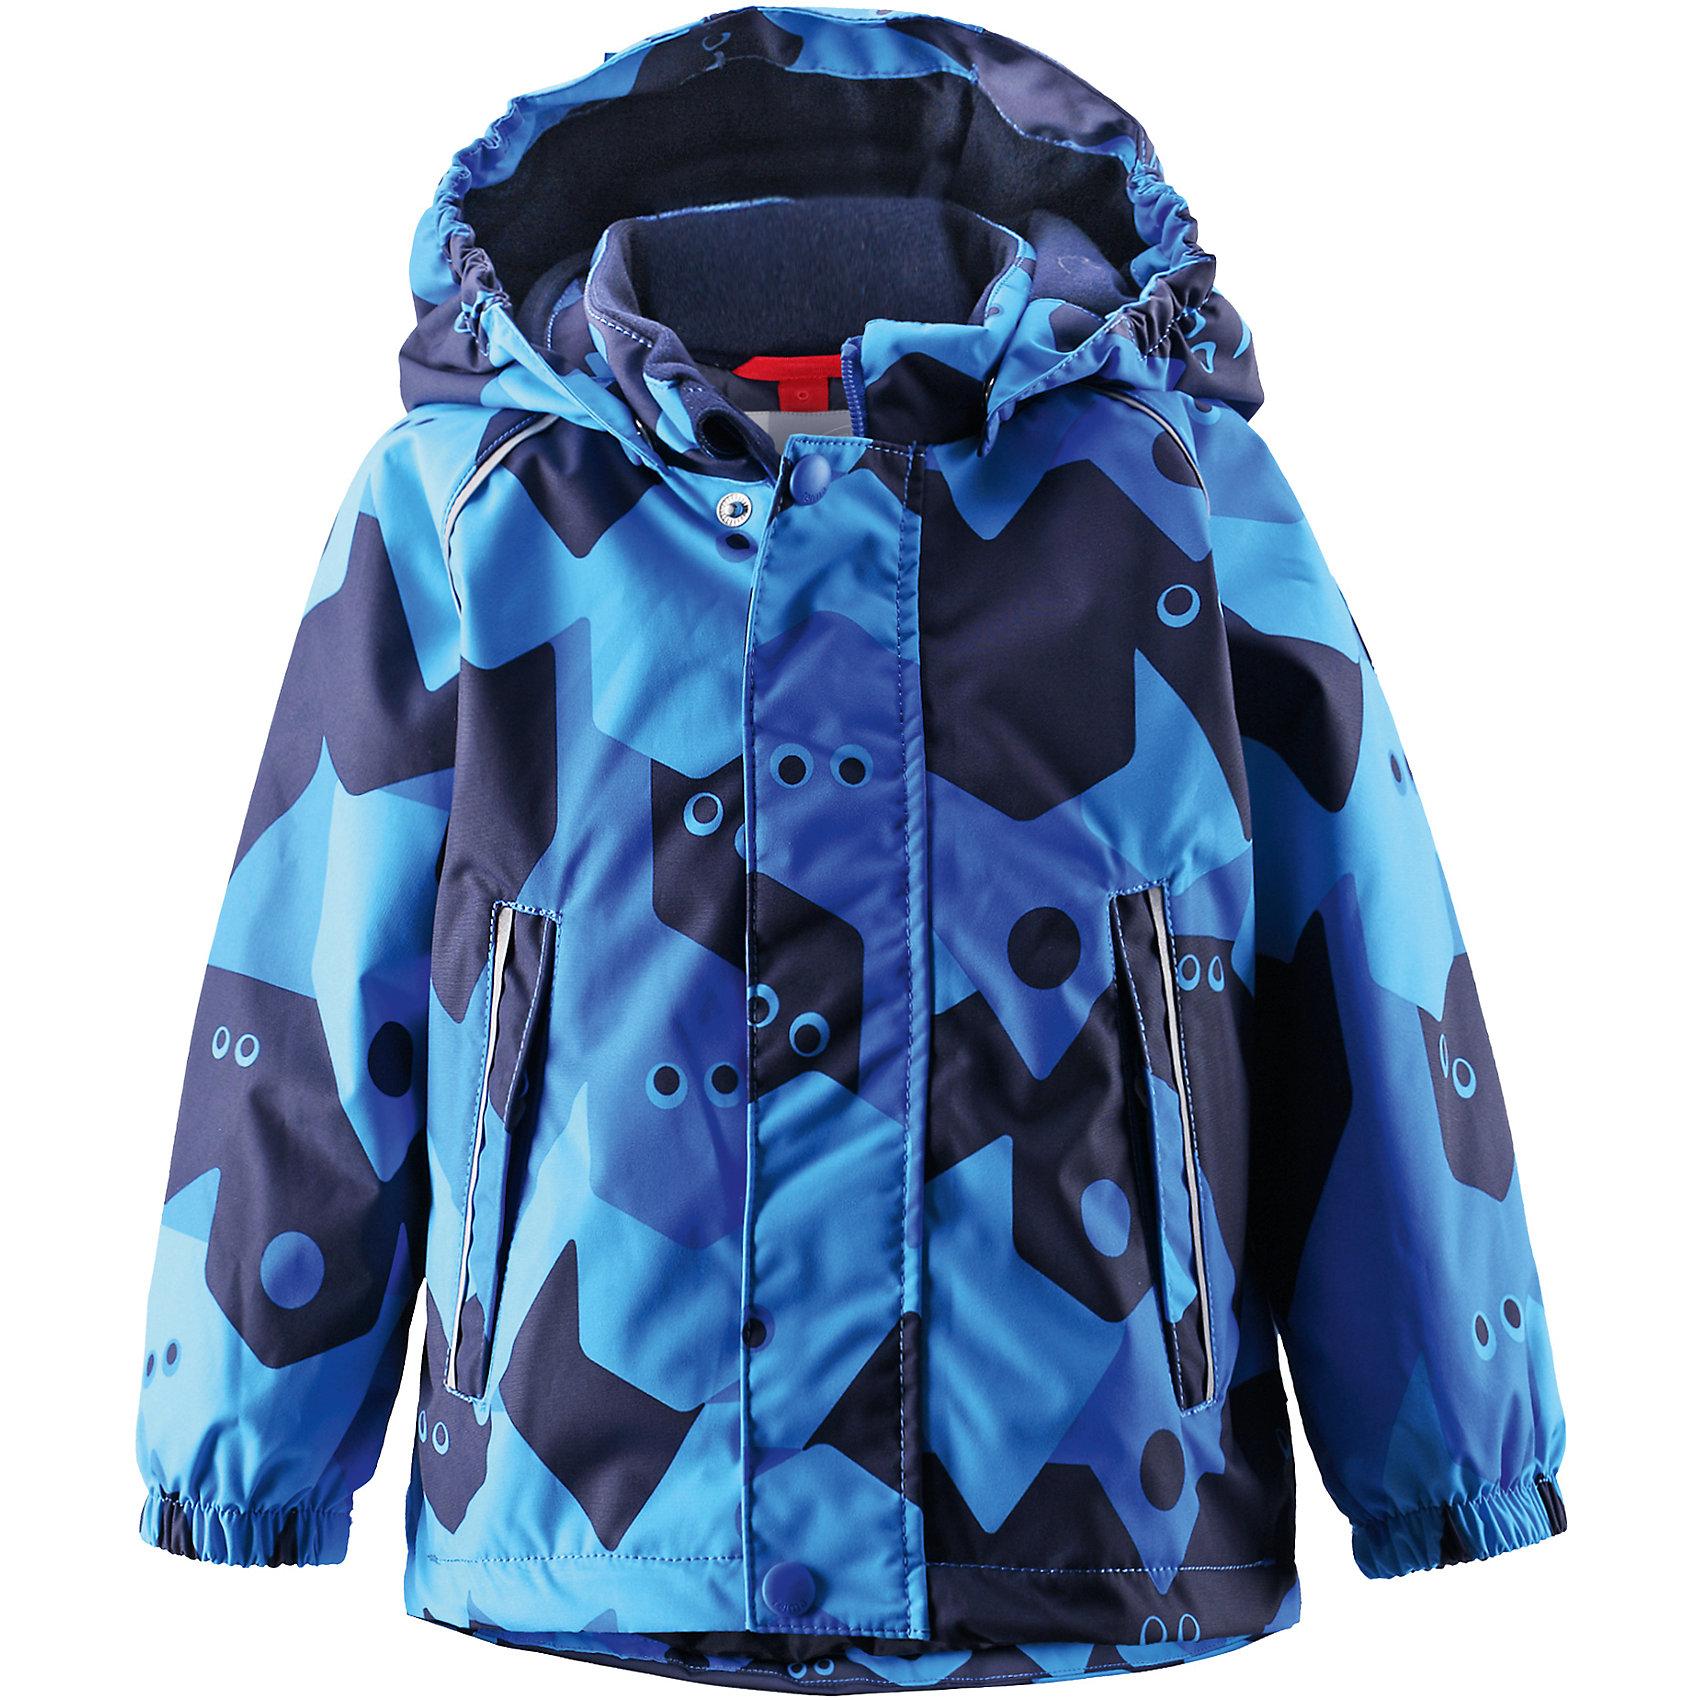 Reima Куртка Pirtti для мальчика Reimatec® Reima reima сапоги slate для мальчика reimatec® reima